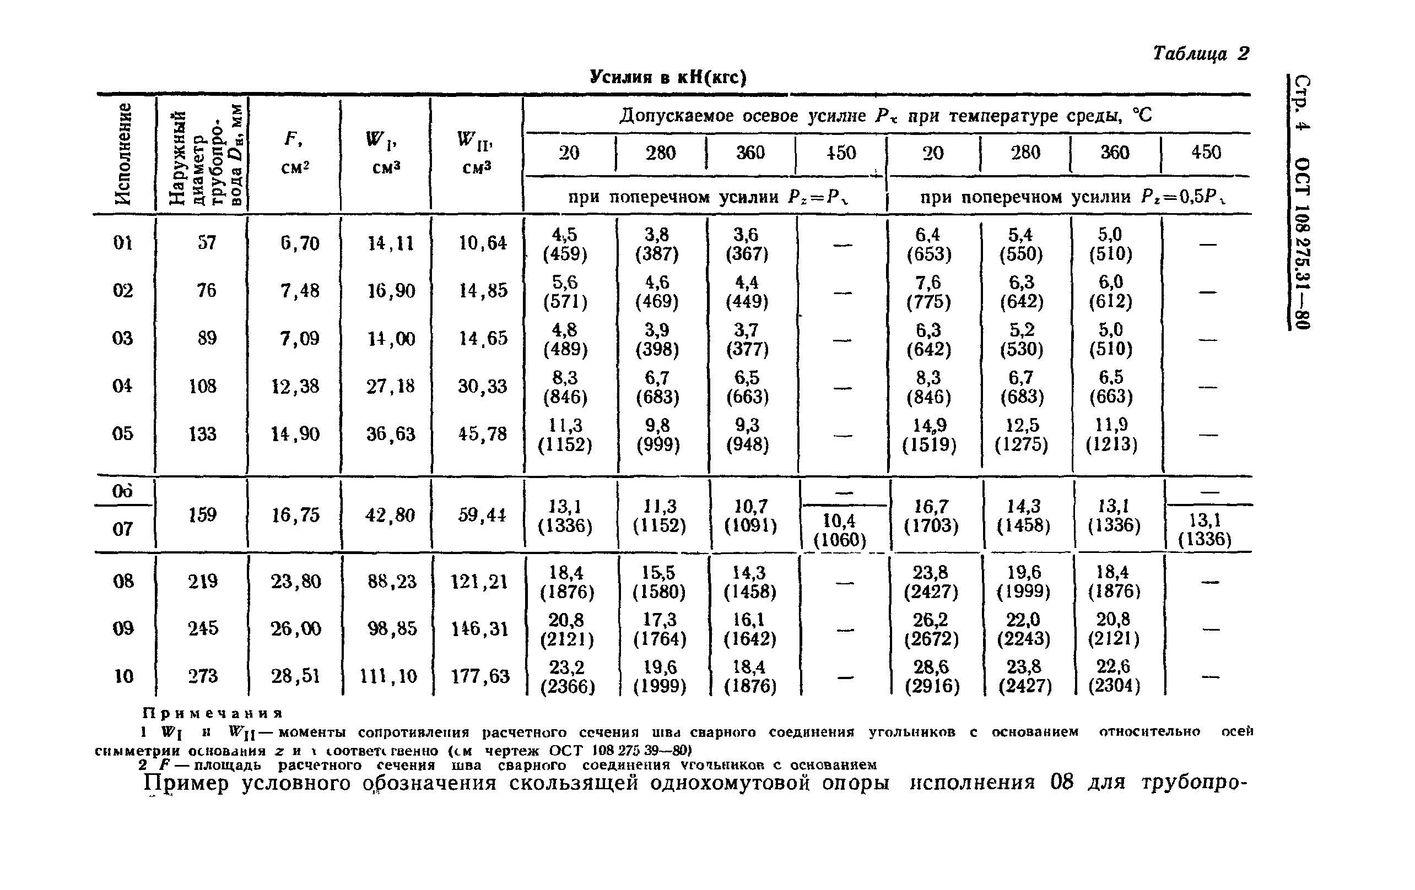 Опоры скользящие однохомутовые ОСТ 108.275.31-80 стр.4